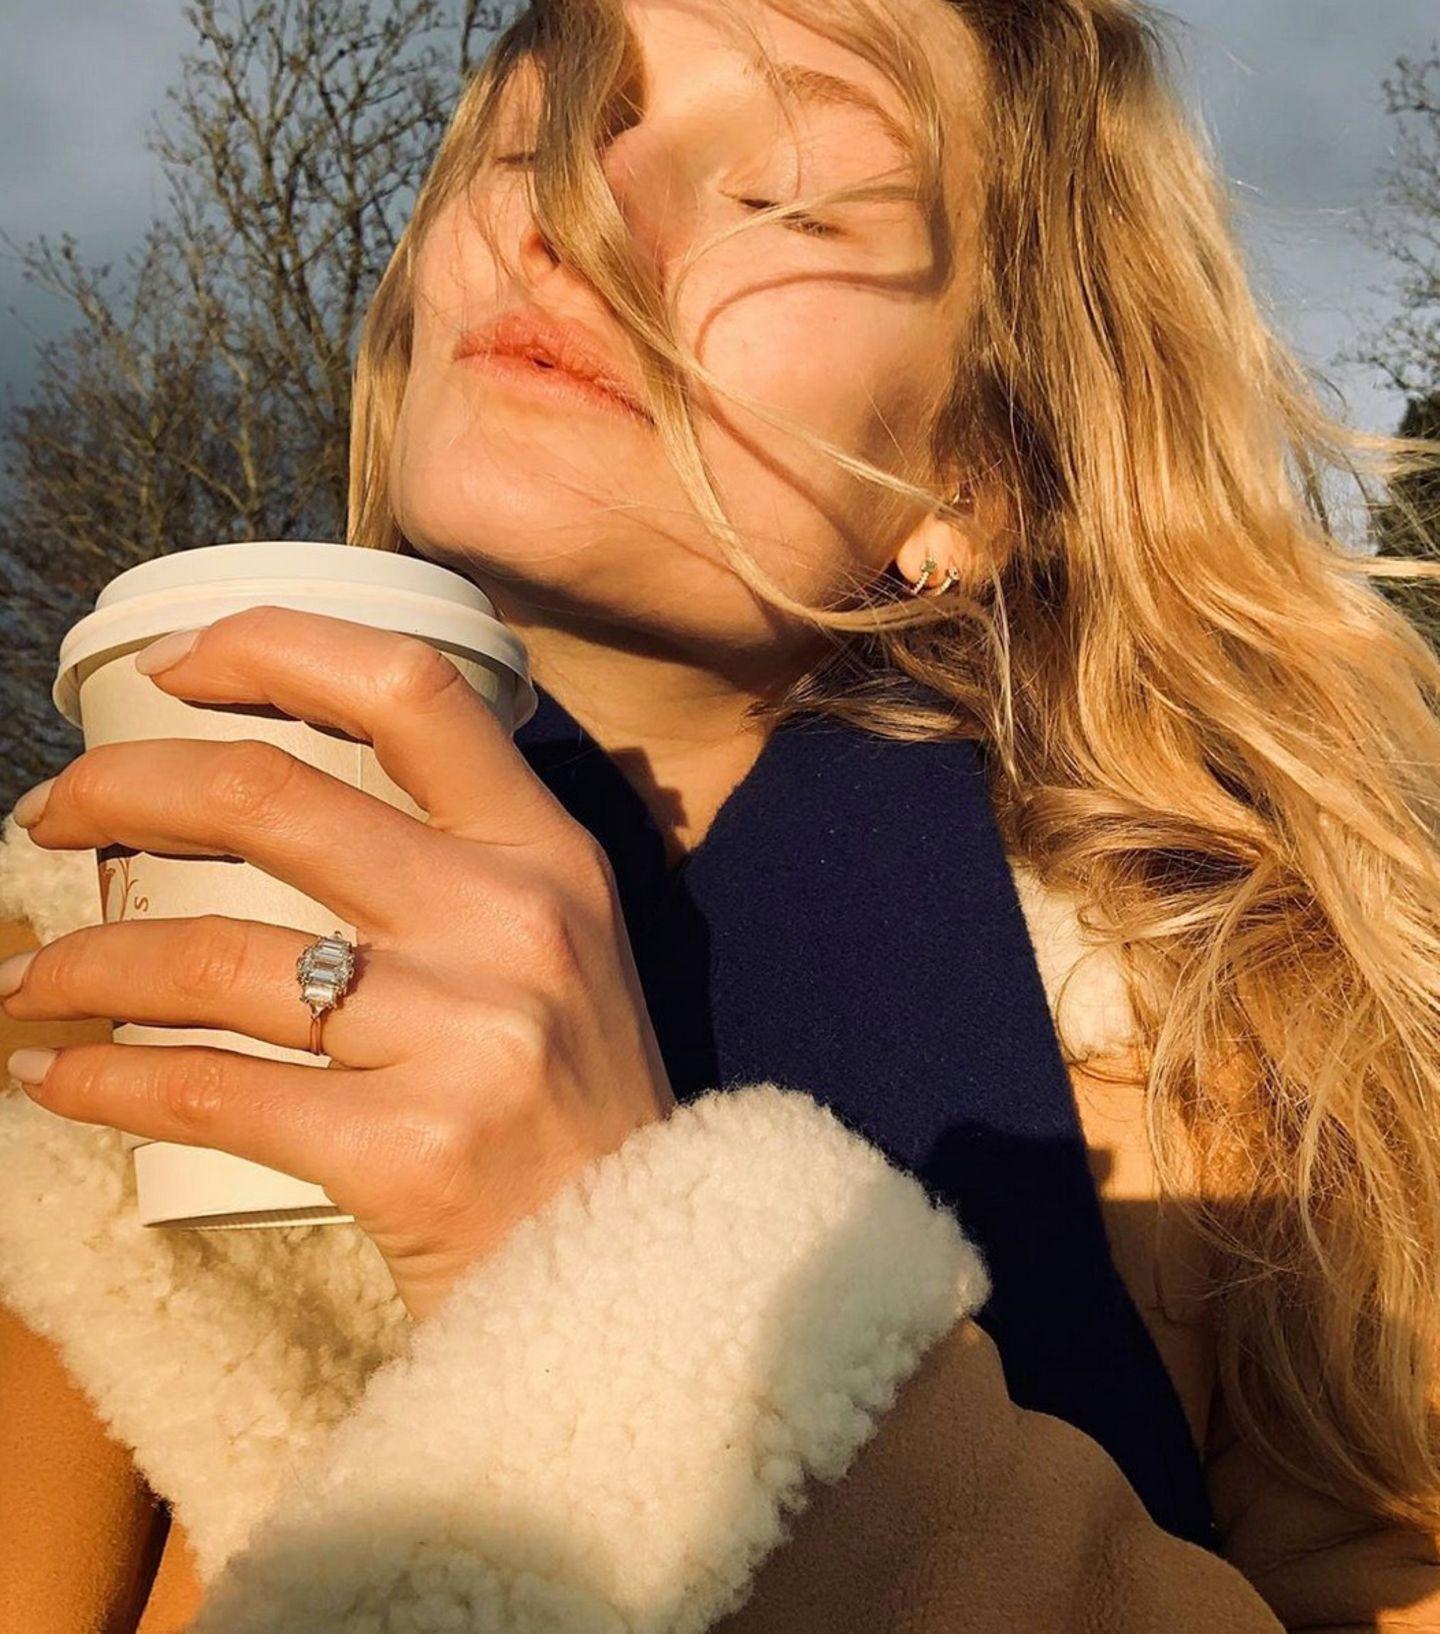 Unter dem Weihnachtsbaum bekam Model Toni Garrn einen Antrag von ihrem Freund AlexPettyfer. Zuvor hatte das junge Paar ihre Liebe geheim gehalten, nun kommen sie aus dem Posten gar nicht mehr heraus. Toni ist sichtlich stolz auf ihren wunderschönen Verlobungsring.